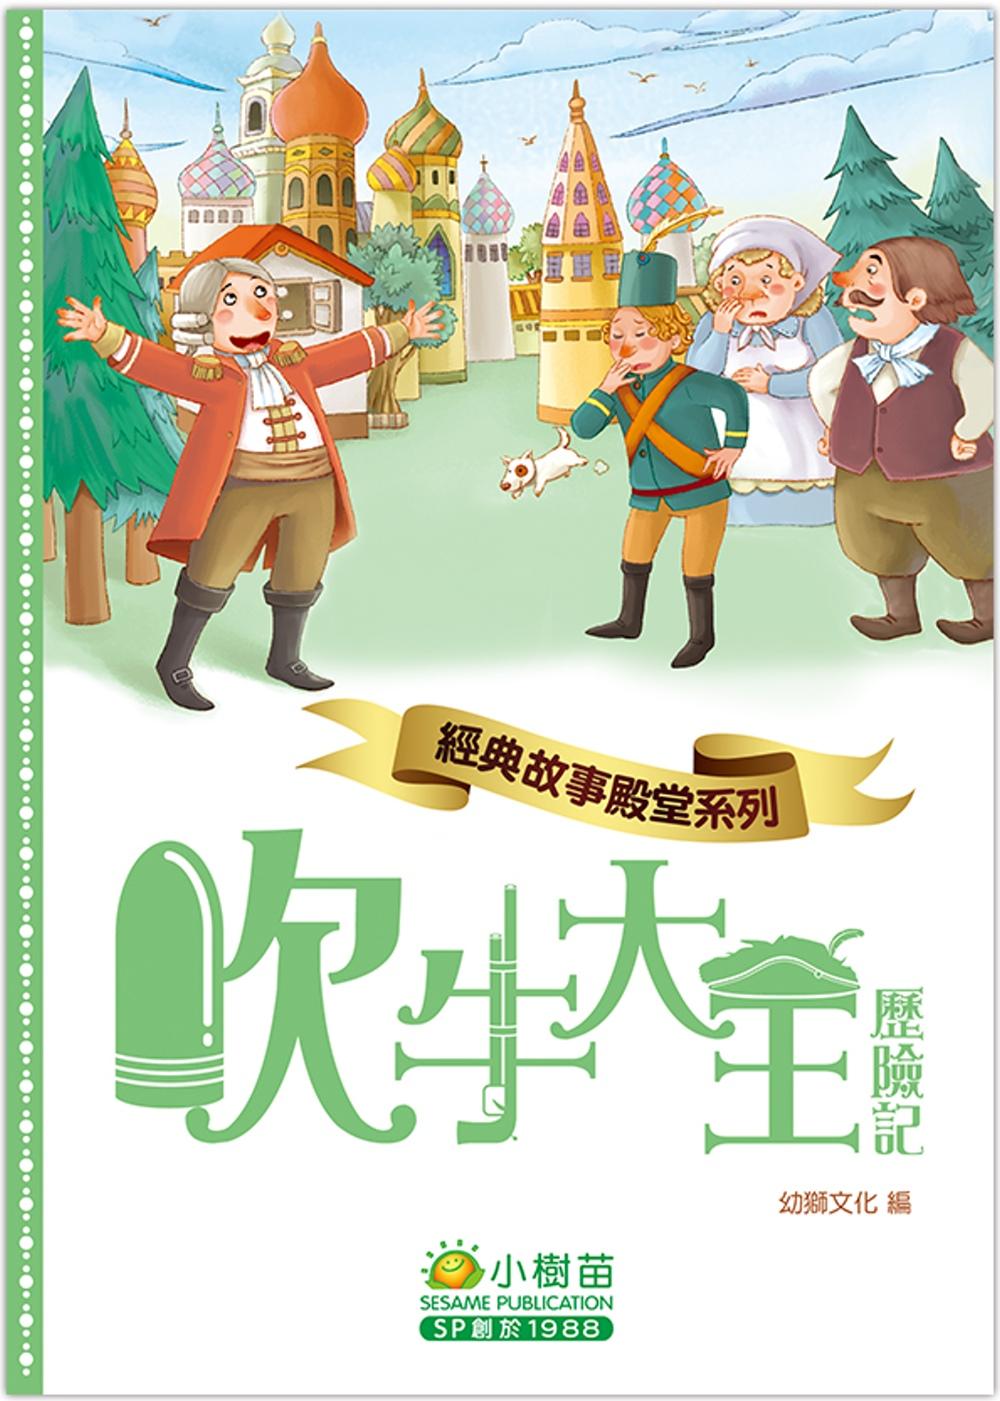 《經典故事殿堂:吹牛大王歷險記》 商品條碼,ISBN:9789888419500